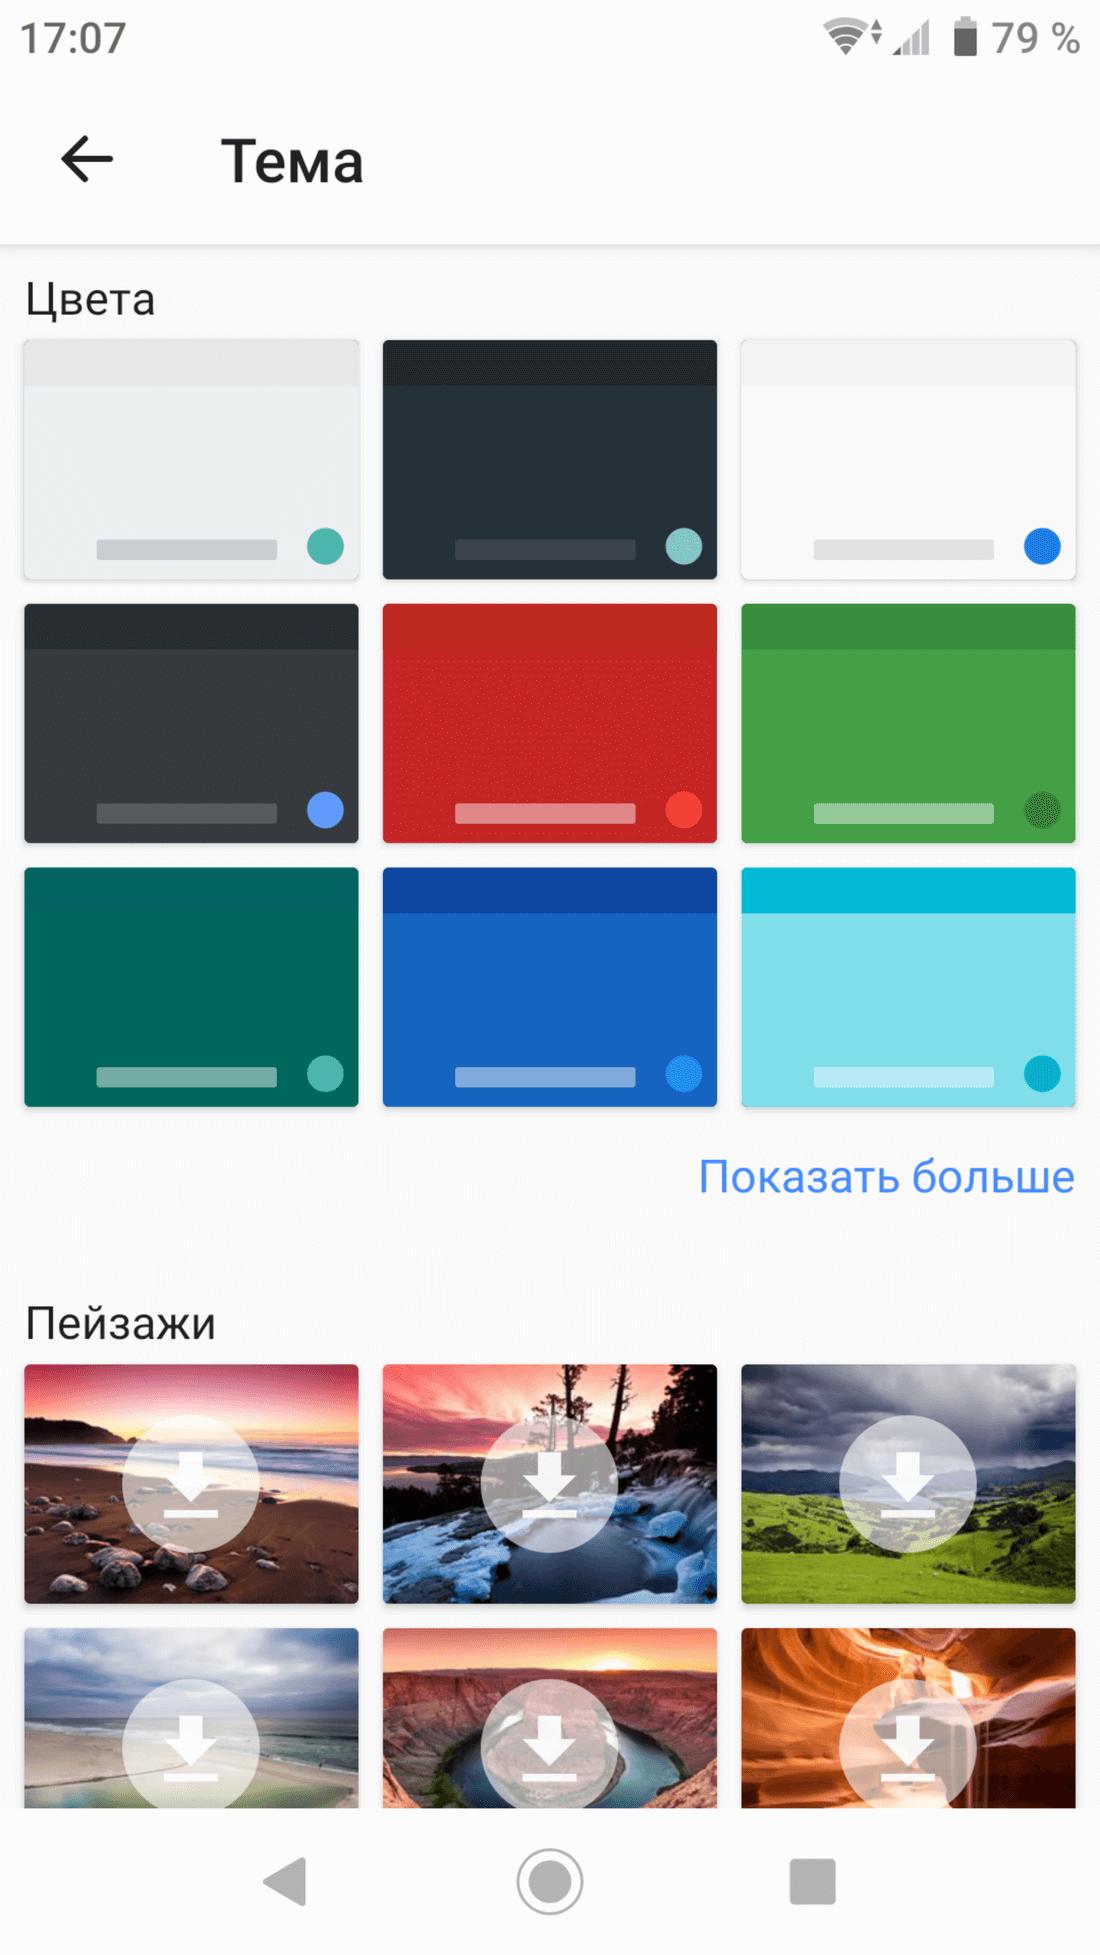 Скриншoт #3 из прoгрaммы Gboard – Клaвиaтурa Гугл